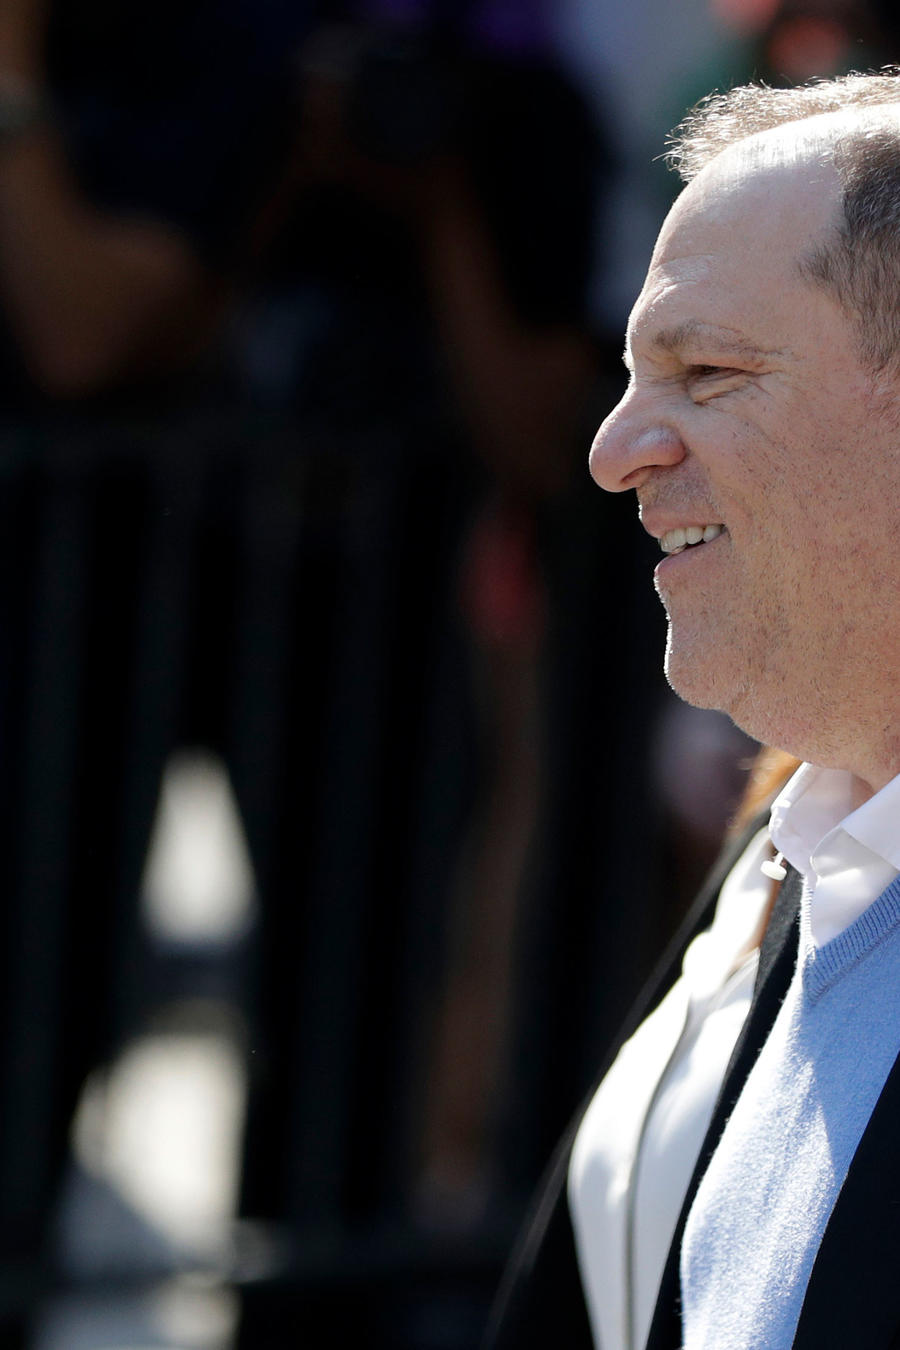 Productor Harvey Weinstein salió esposado de una comisaría de Nueva York donde se entregó por cargos de agresión sexual